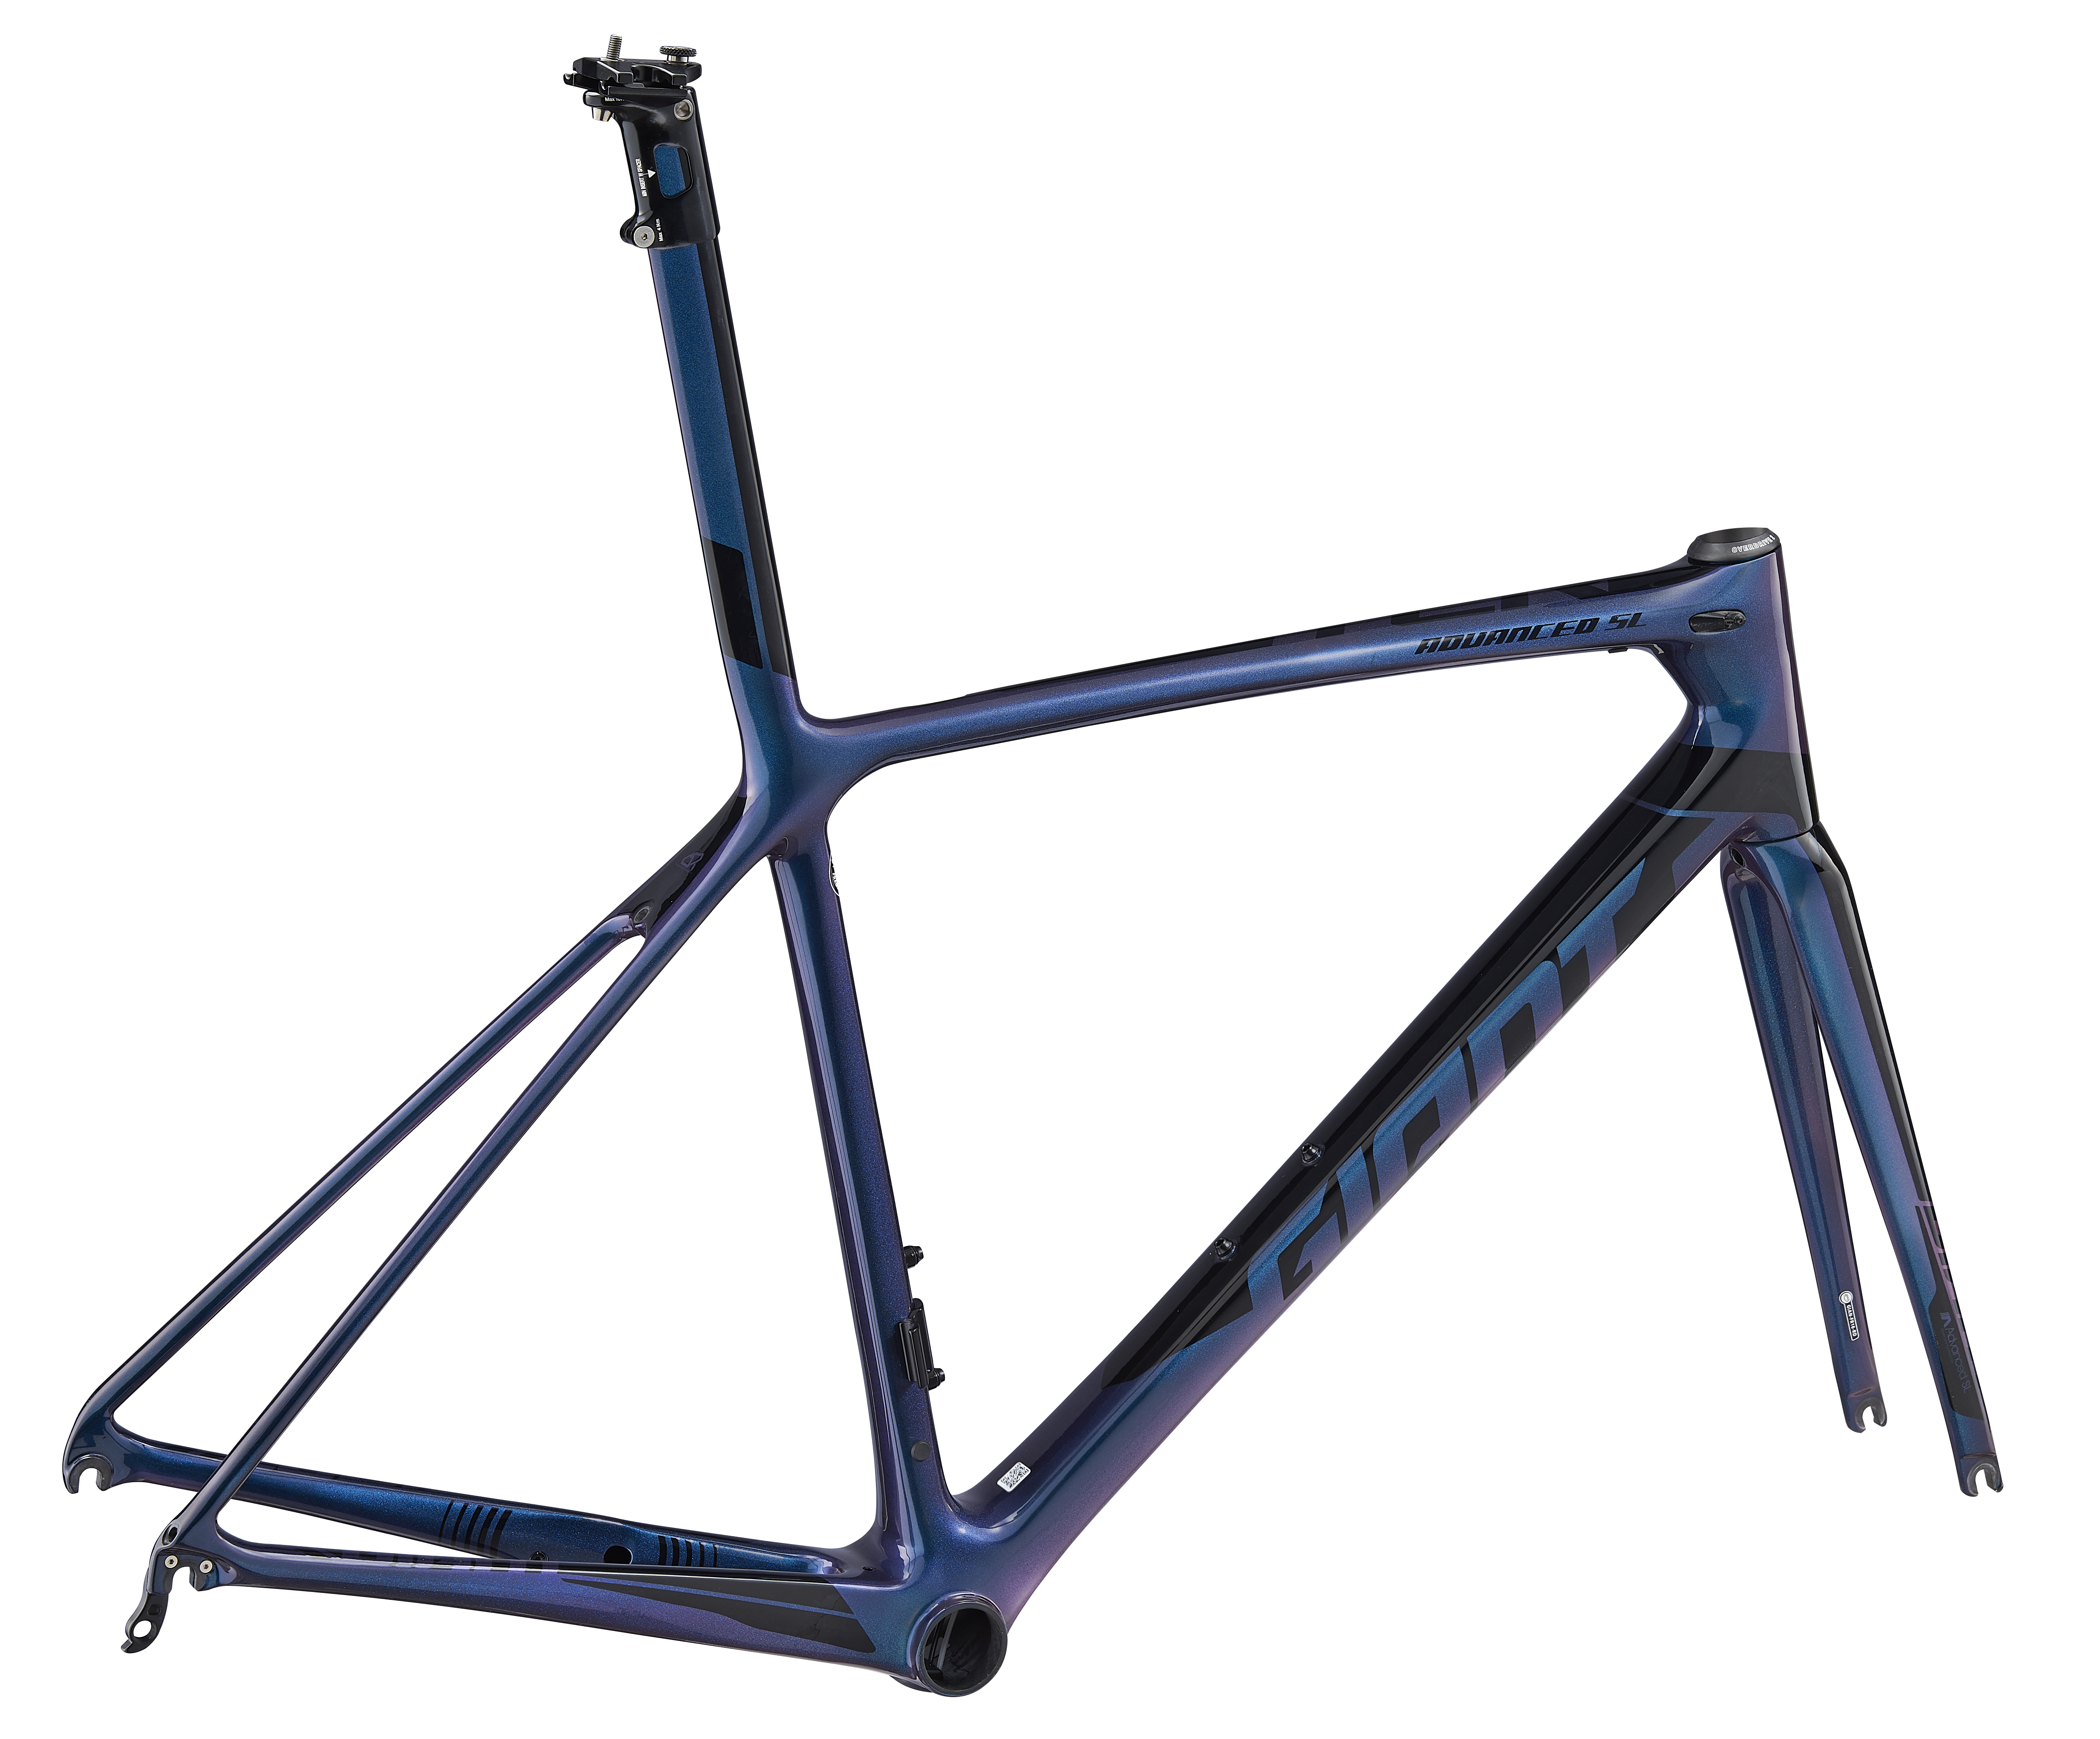 964cc42aebe 2019 Giant TCR Advanced SL Frameset - Gloss Chameleon Blue/Gloss Black